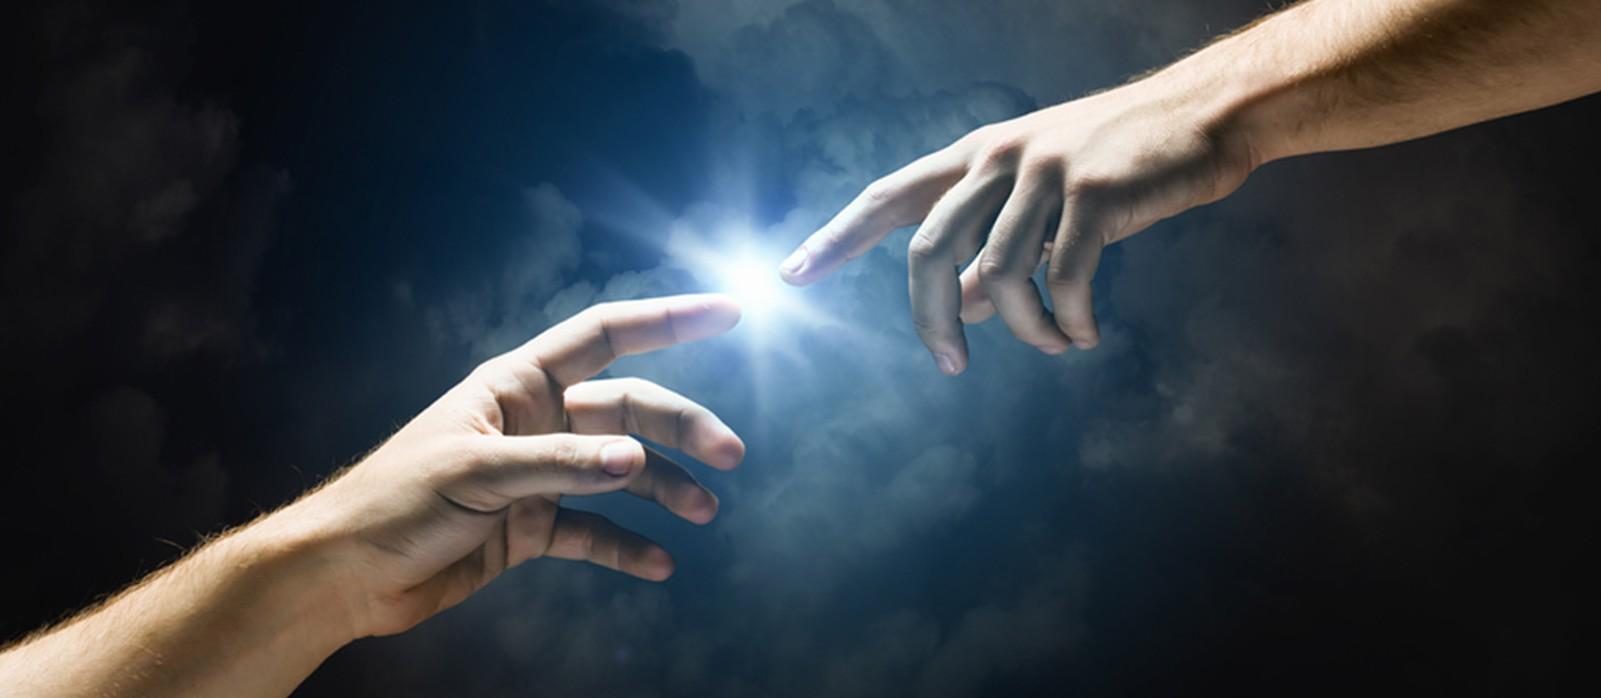 ¿Cómo Dios Creó el Universo según la Iglesia Católica?